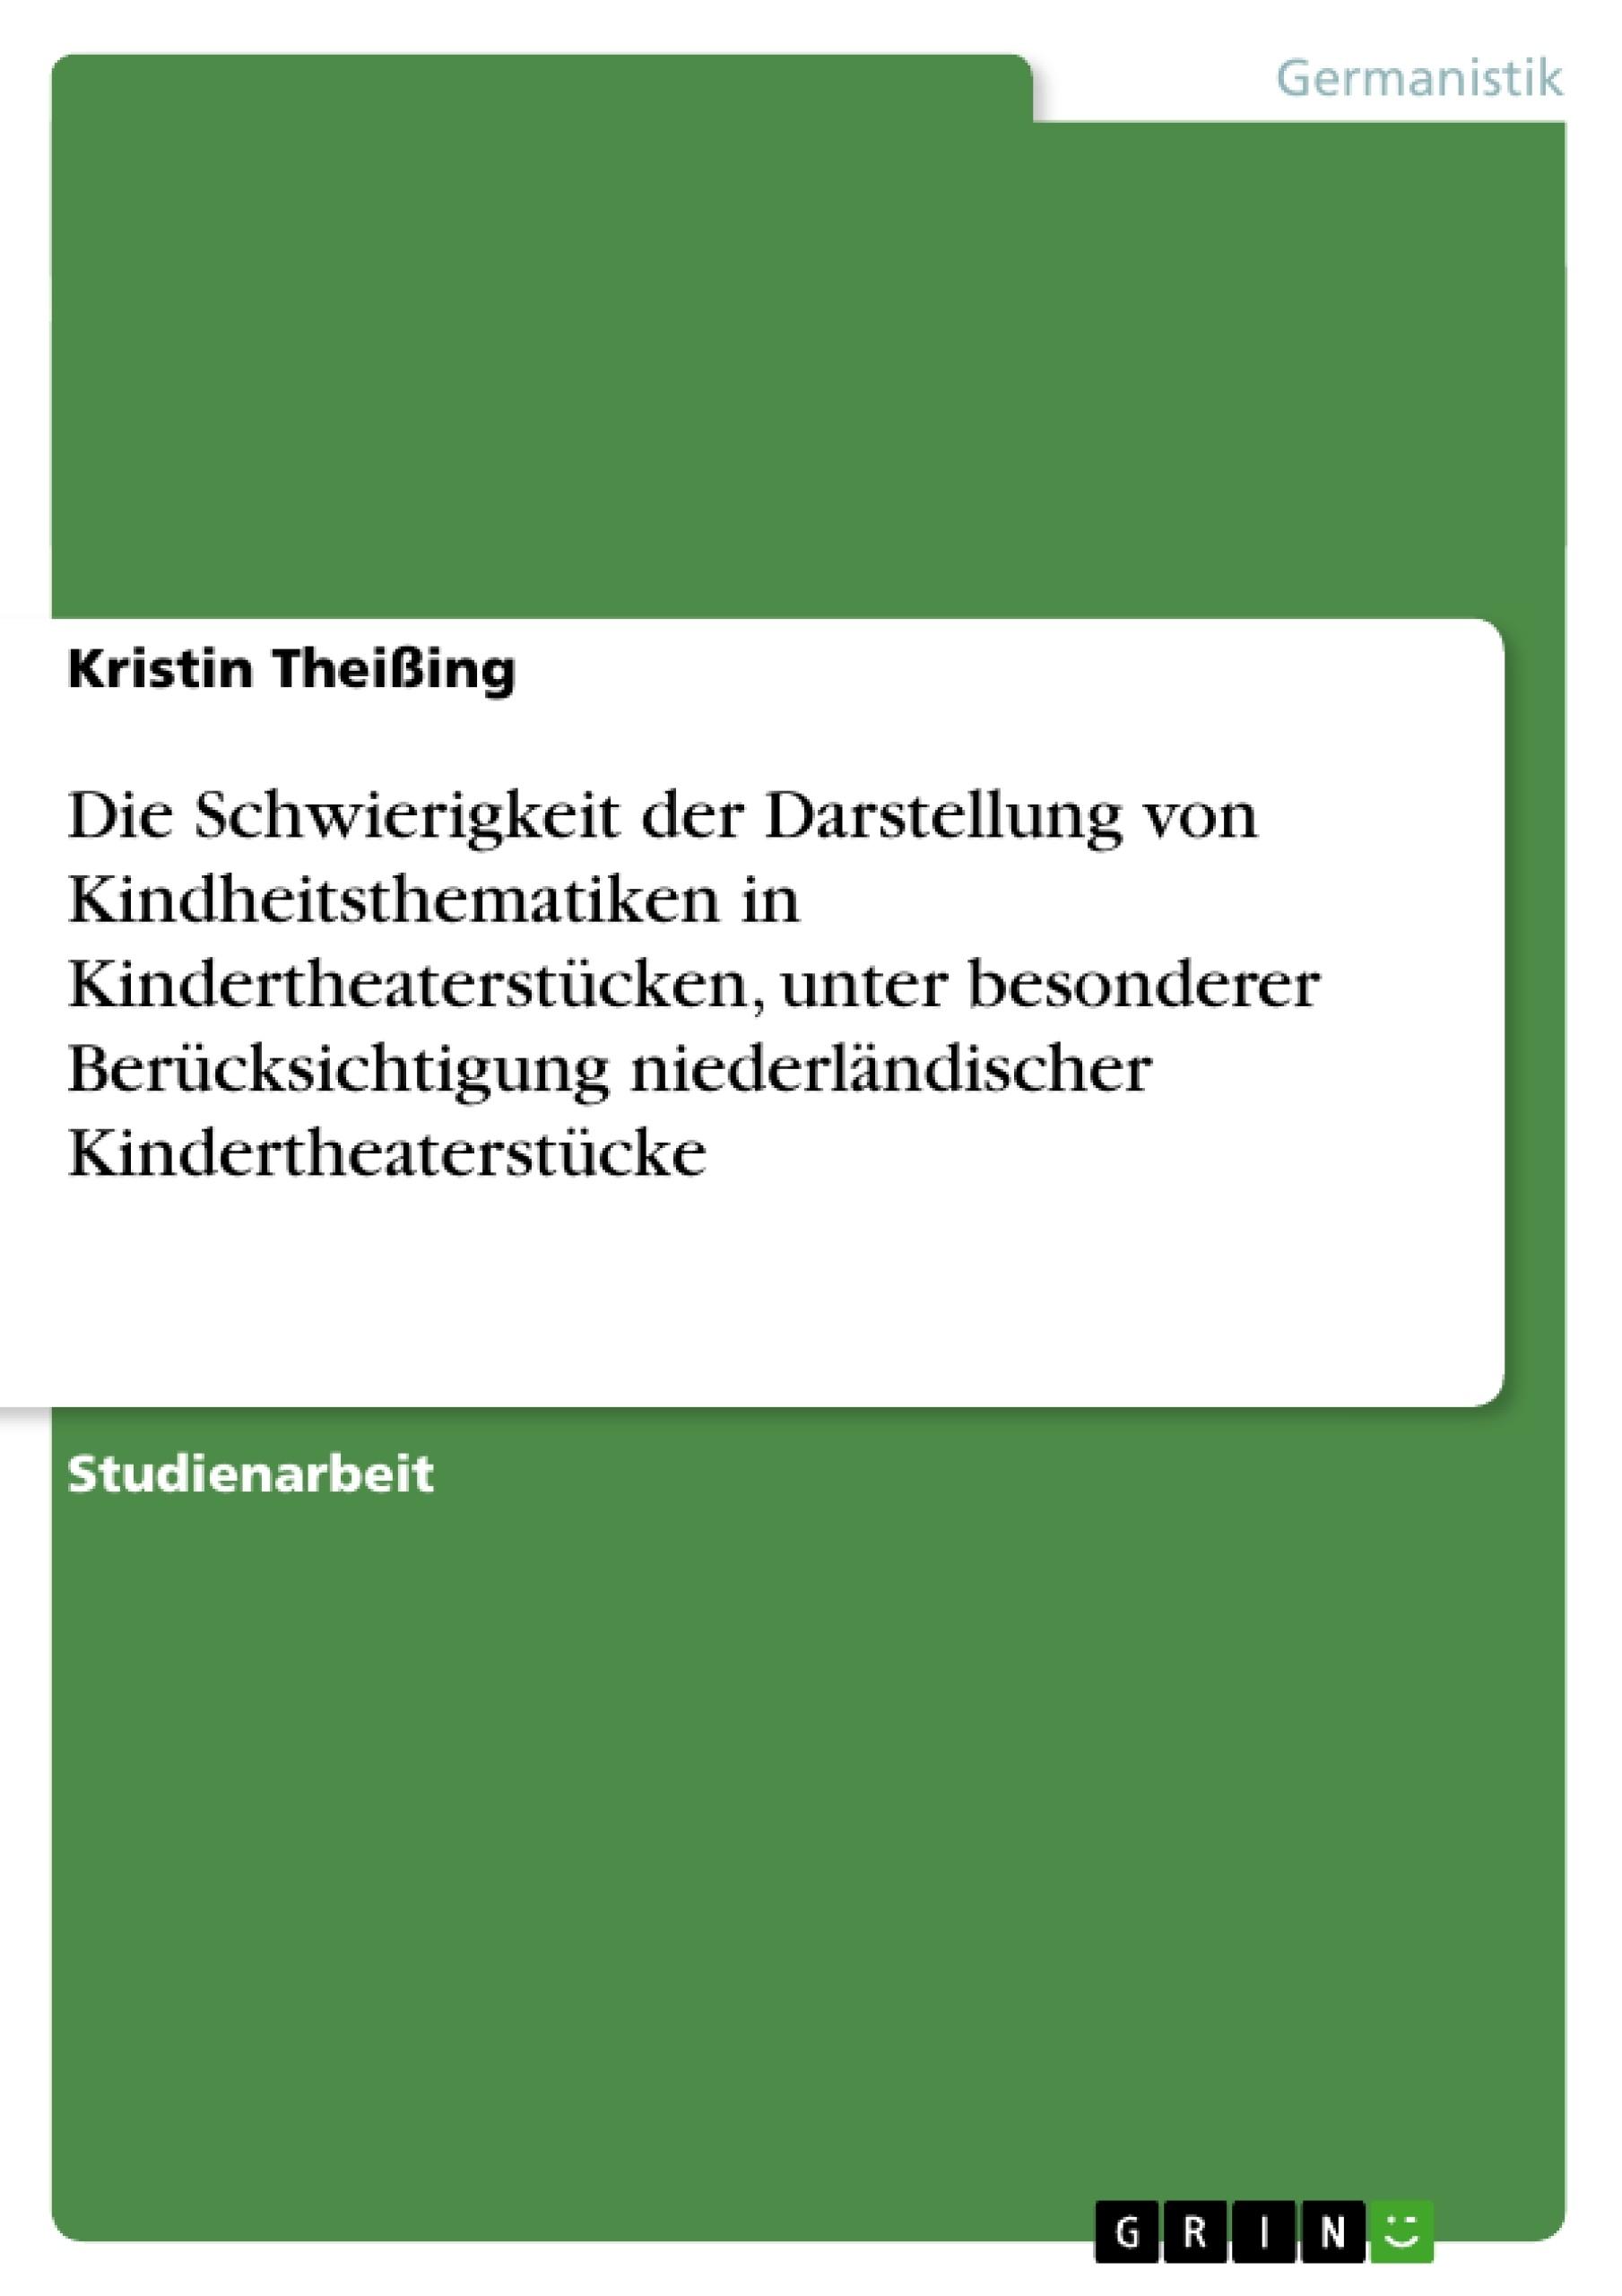 Titel: Die Schwierigkeit der Darstellung von Kindheitsthematiken in Kindertheaterstücken, unter besonderer Berücksichtigung niederländischer Kindertheaterstücke